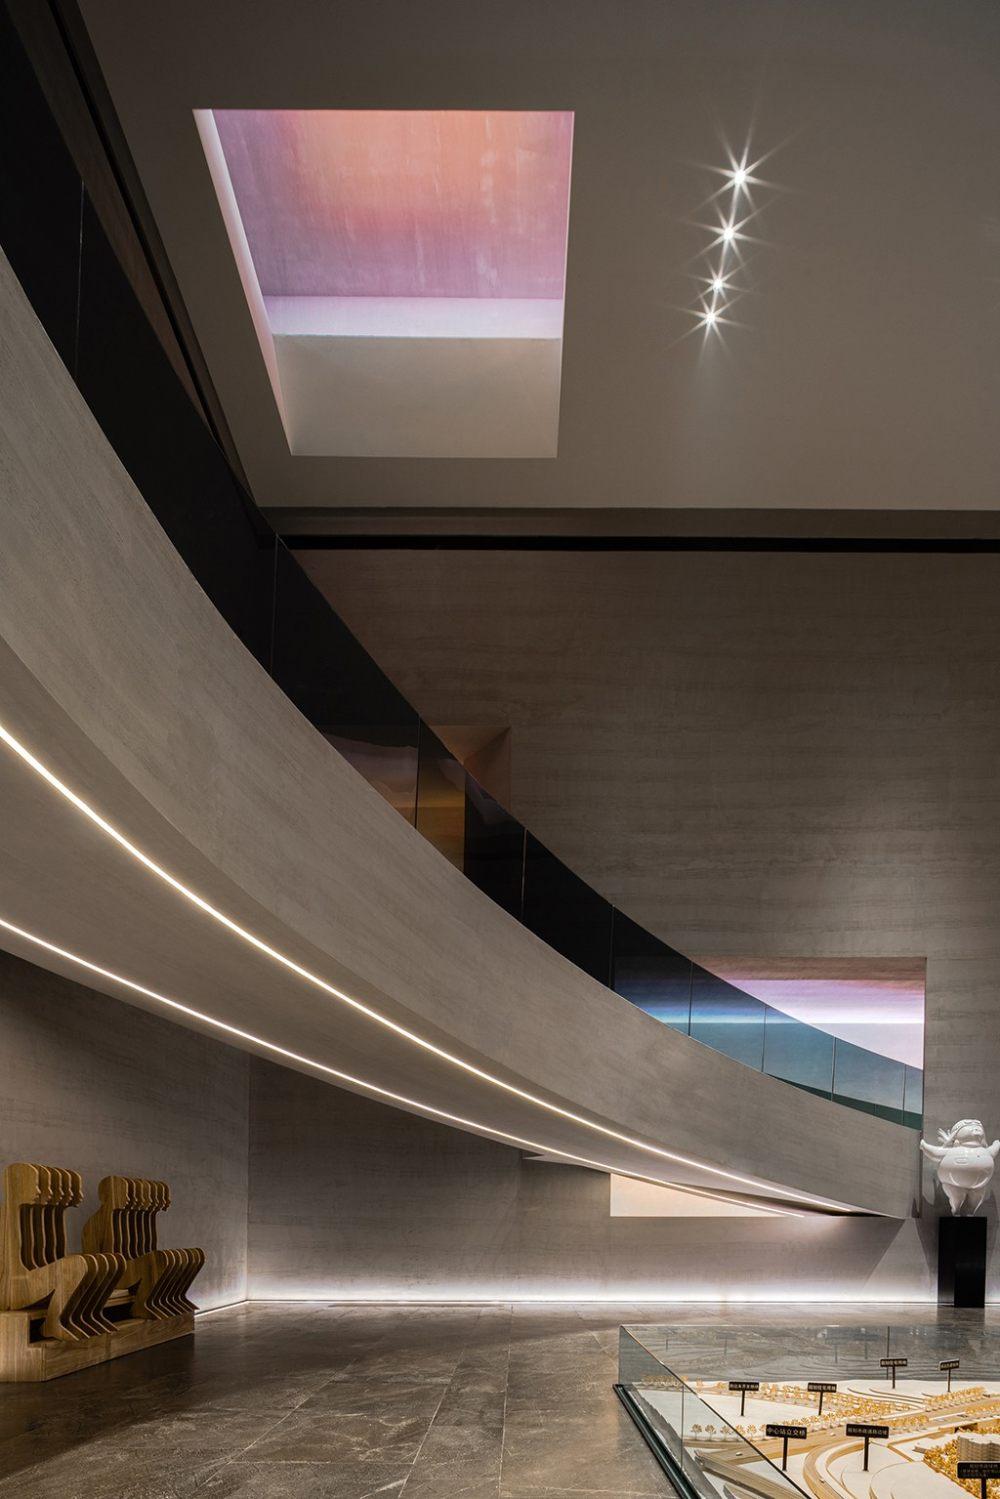 2020深圳国际精装住宅展 X ENJOYDESIGN :+∞,开启对家的无尽探索-15.jpg